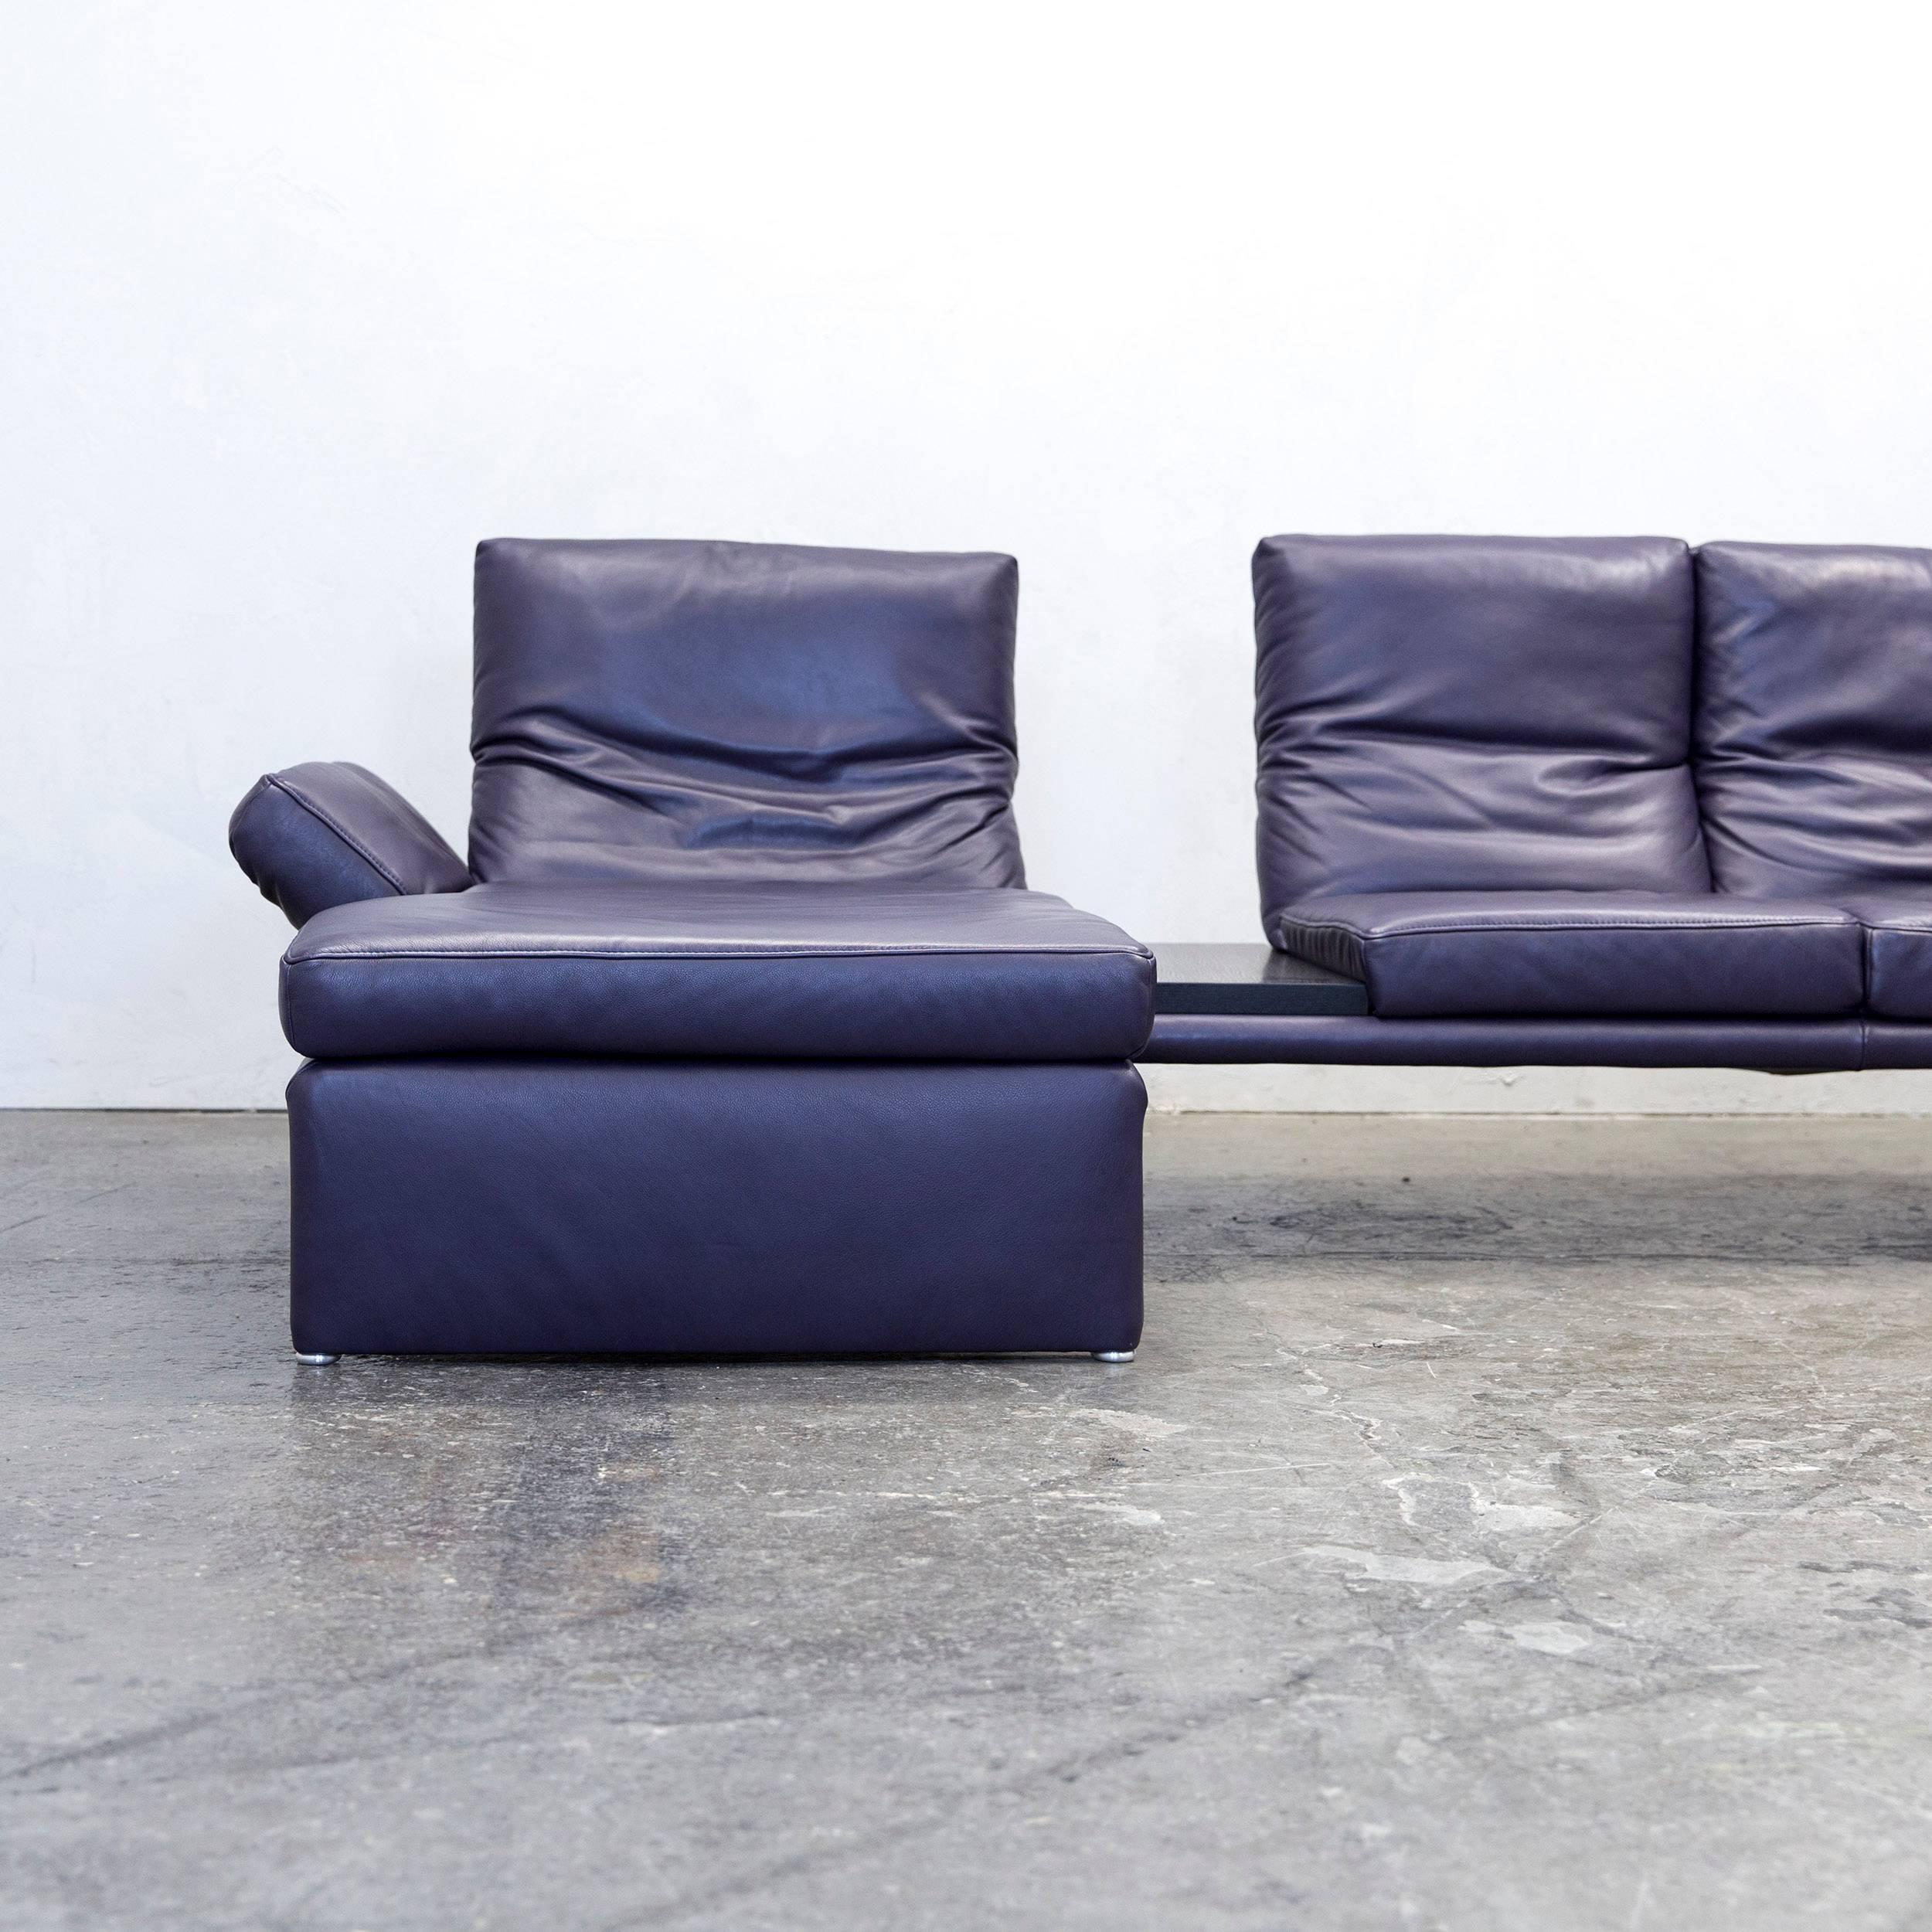 gemtlicher ohrensessel great interesting large size of moderne huser mit gemtlicher ohrensessel. Black Bedroom Furniture Sets. Home Design Ideas